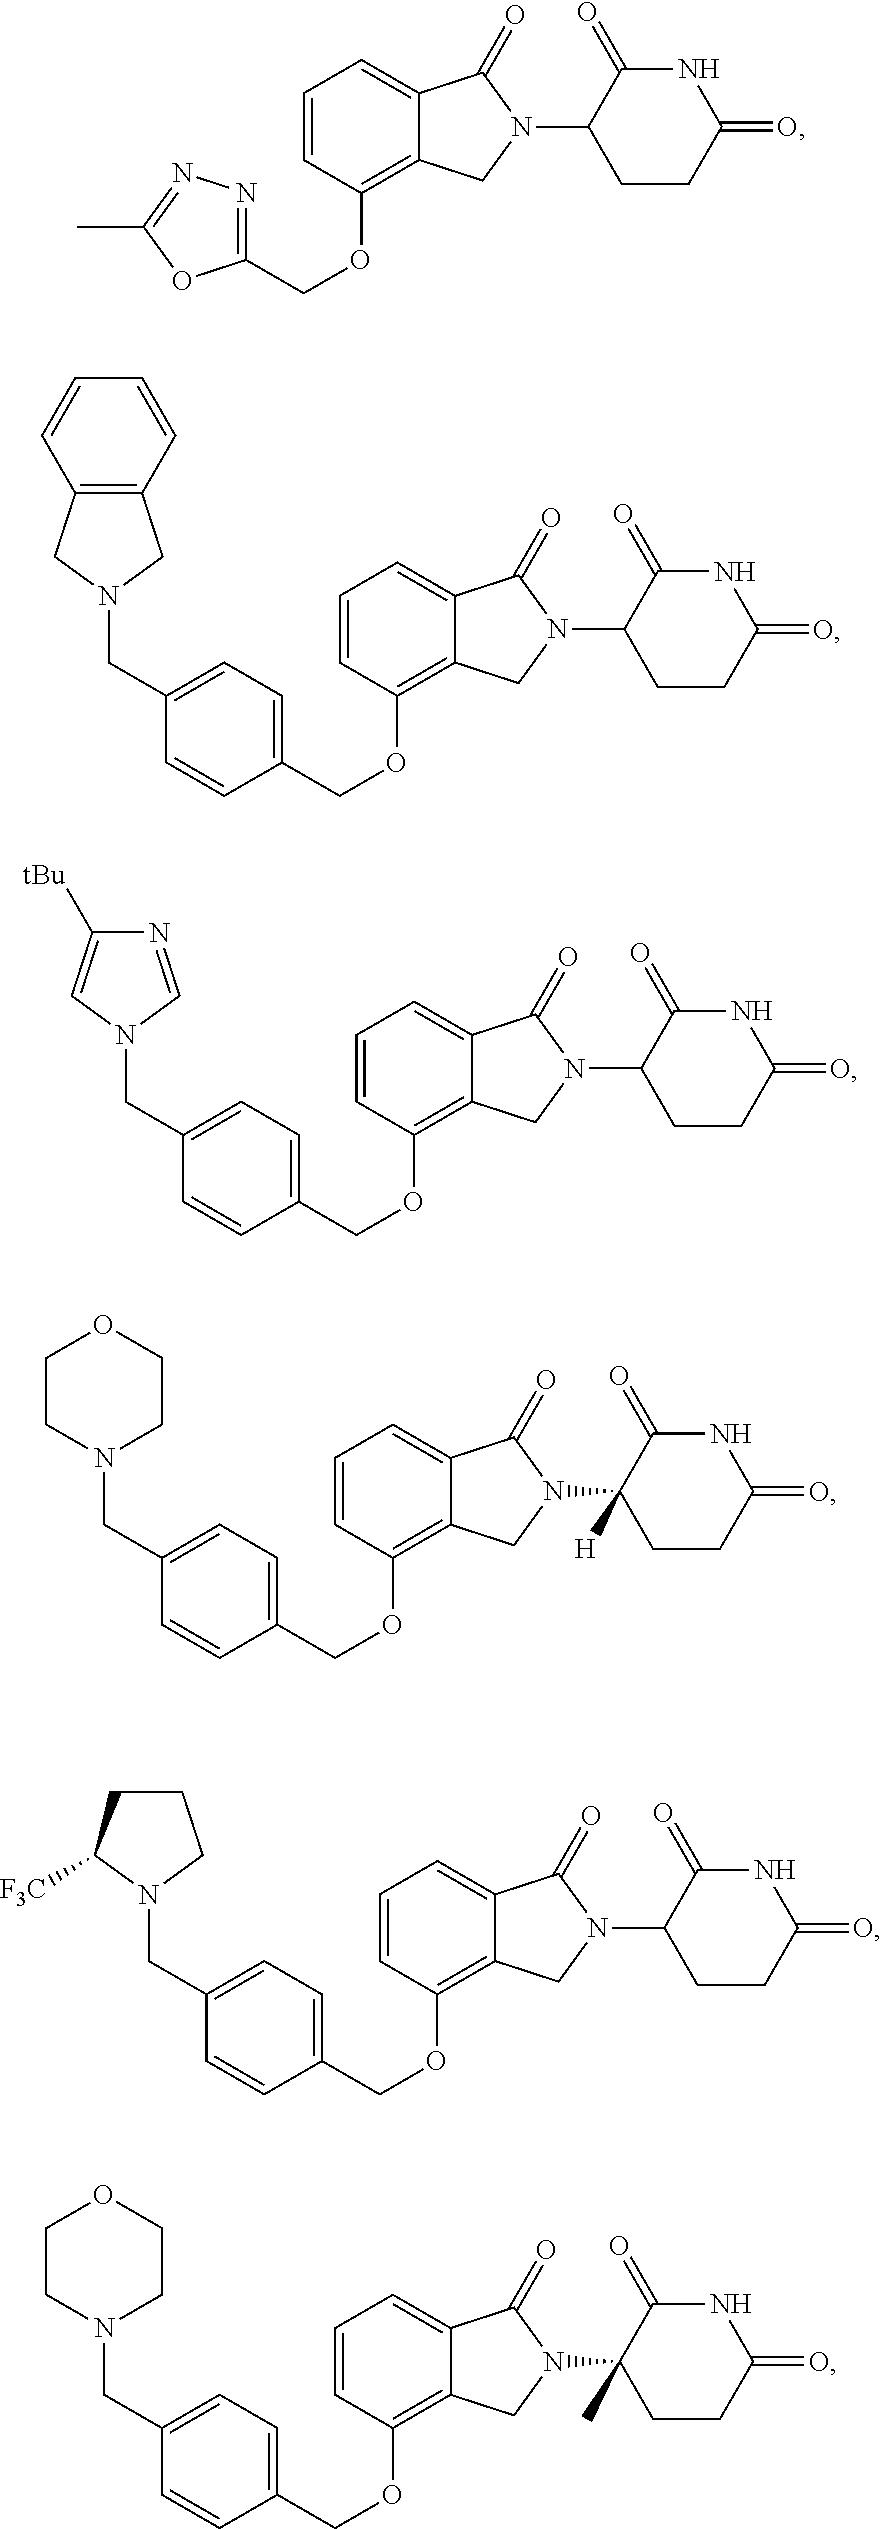 Figure US09587281-20170307-C00053